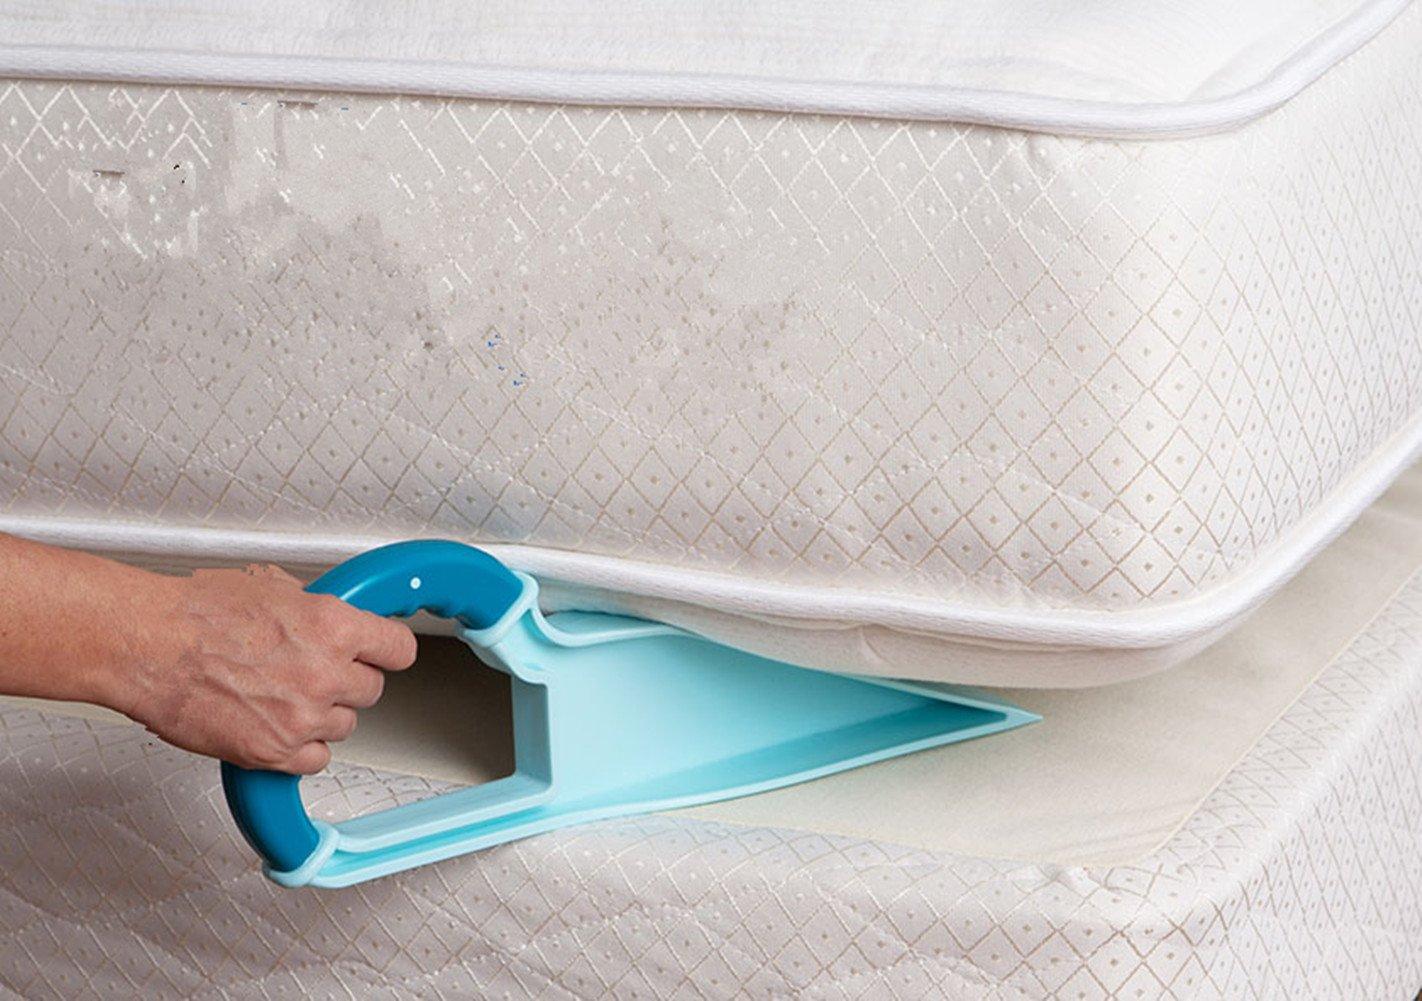 sollevatore per materasso Clever Bear valido aiuto per rifare il letto e cambiare le lenzuola